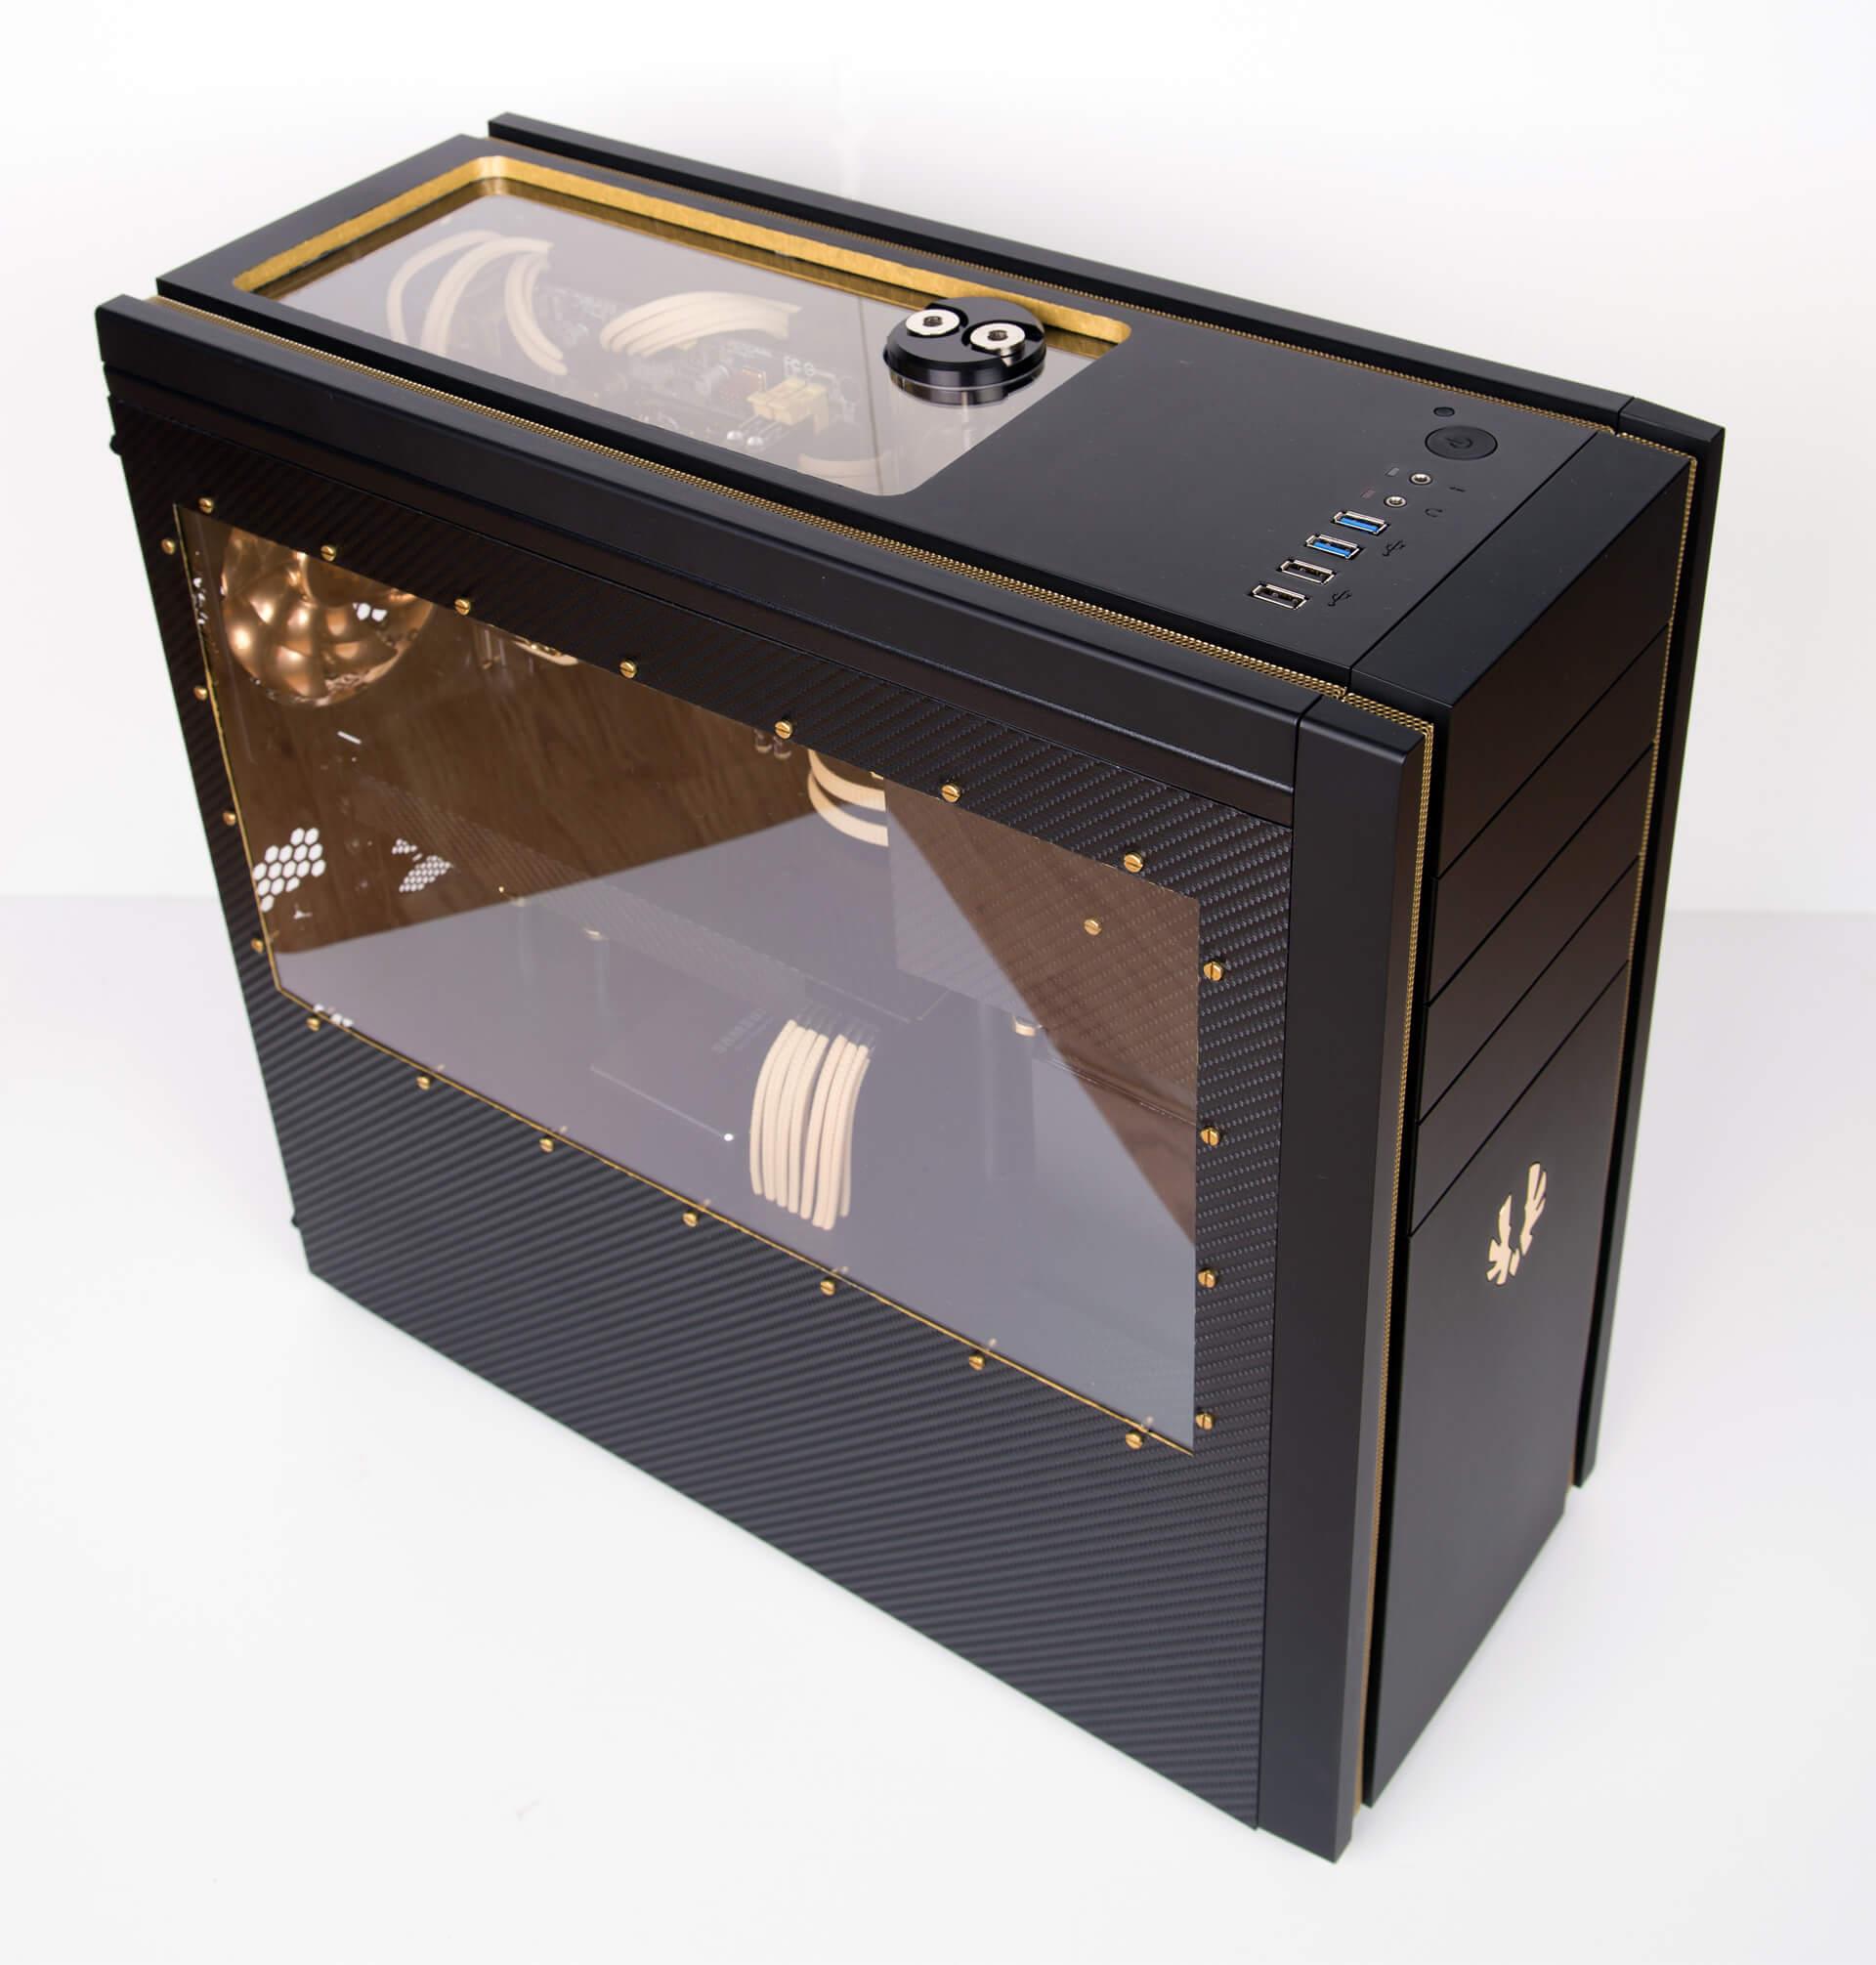 Goldmine Wasserkühlung Casemod